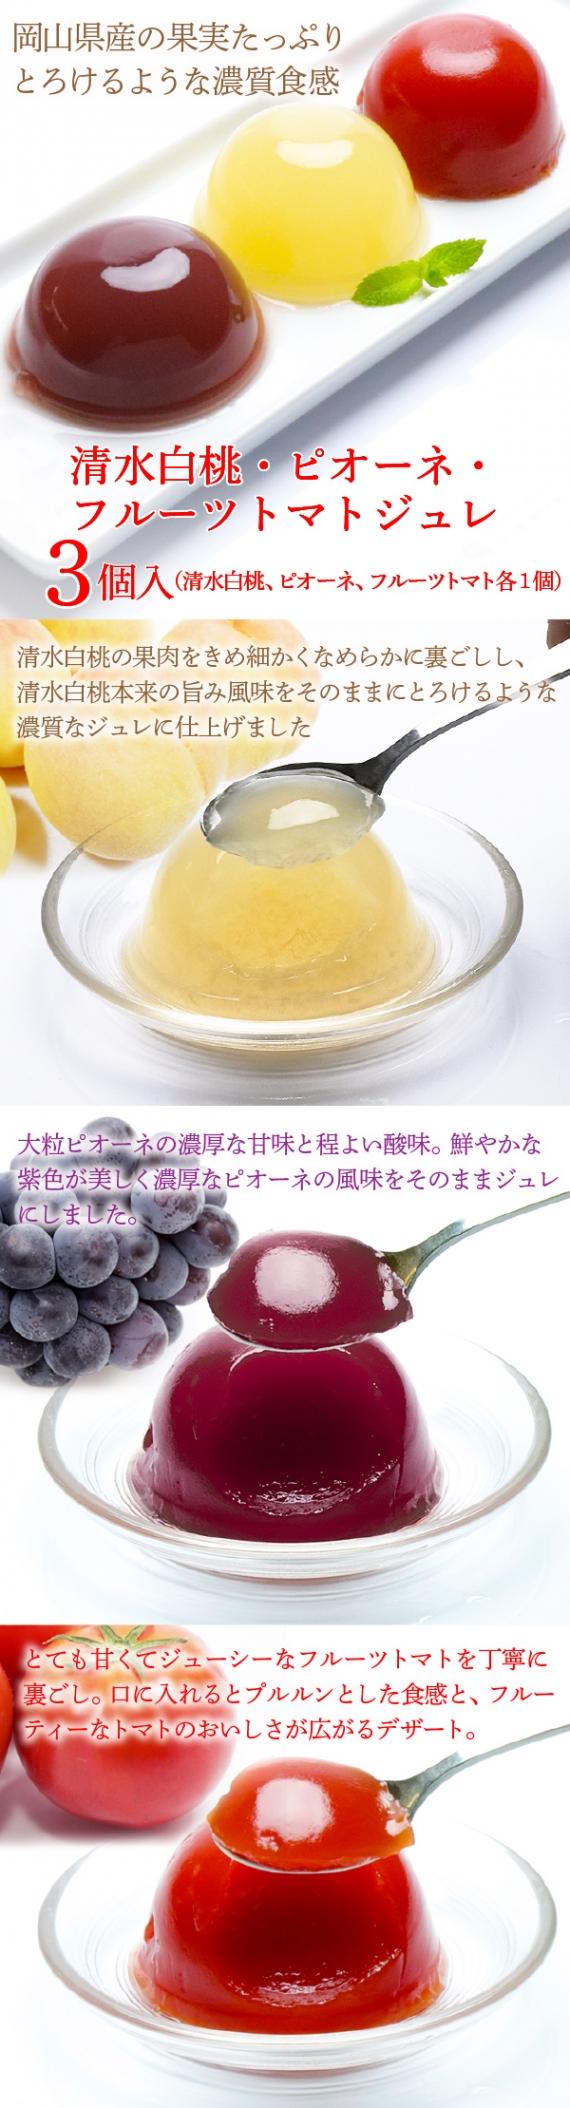 【送料無料】まずはお試し!岡山県産果実100%とろけるような濃質食感 清水白桃・ピオーネ・フルーツトマトジュレ3個入【お試し】